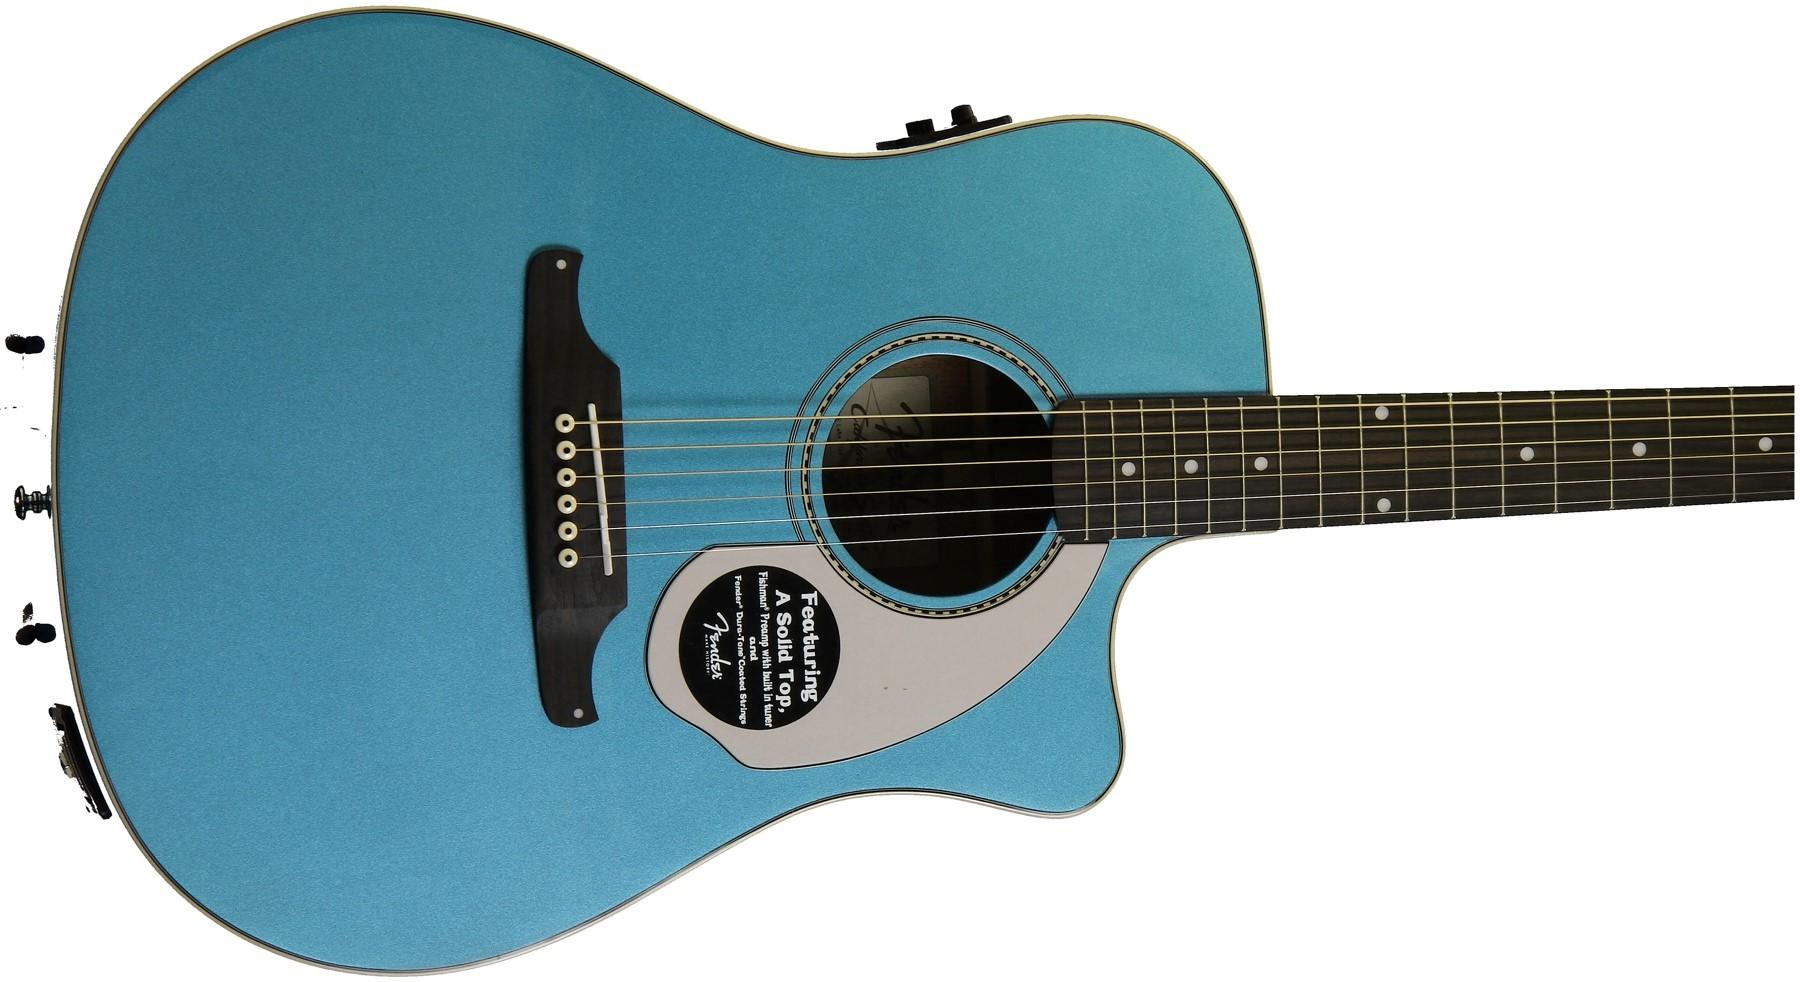 【测评】拥有电吉他般吸引力的原声吉他